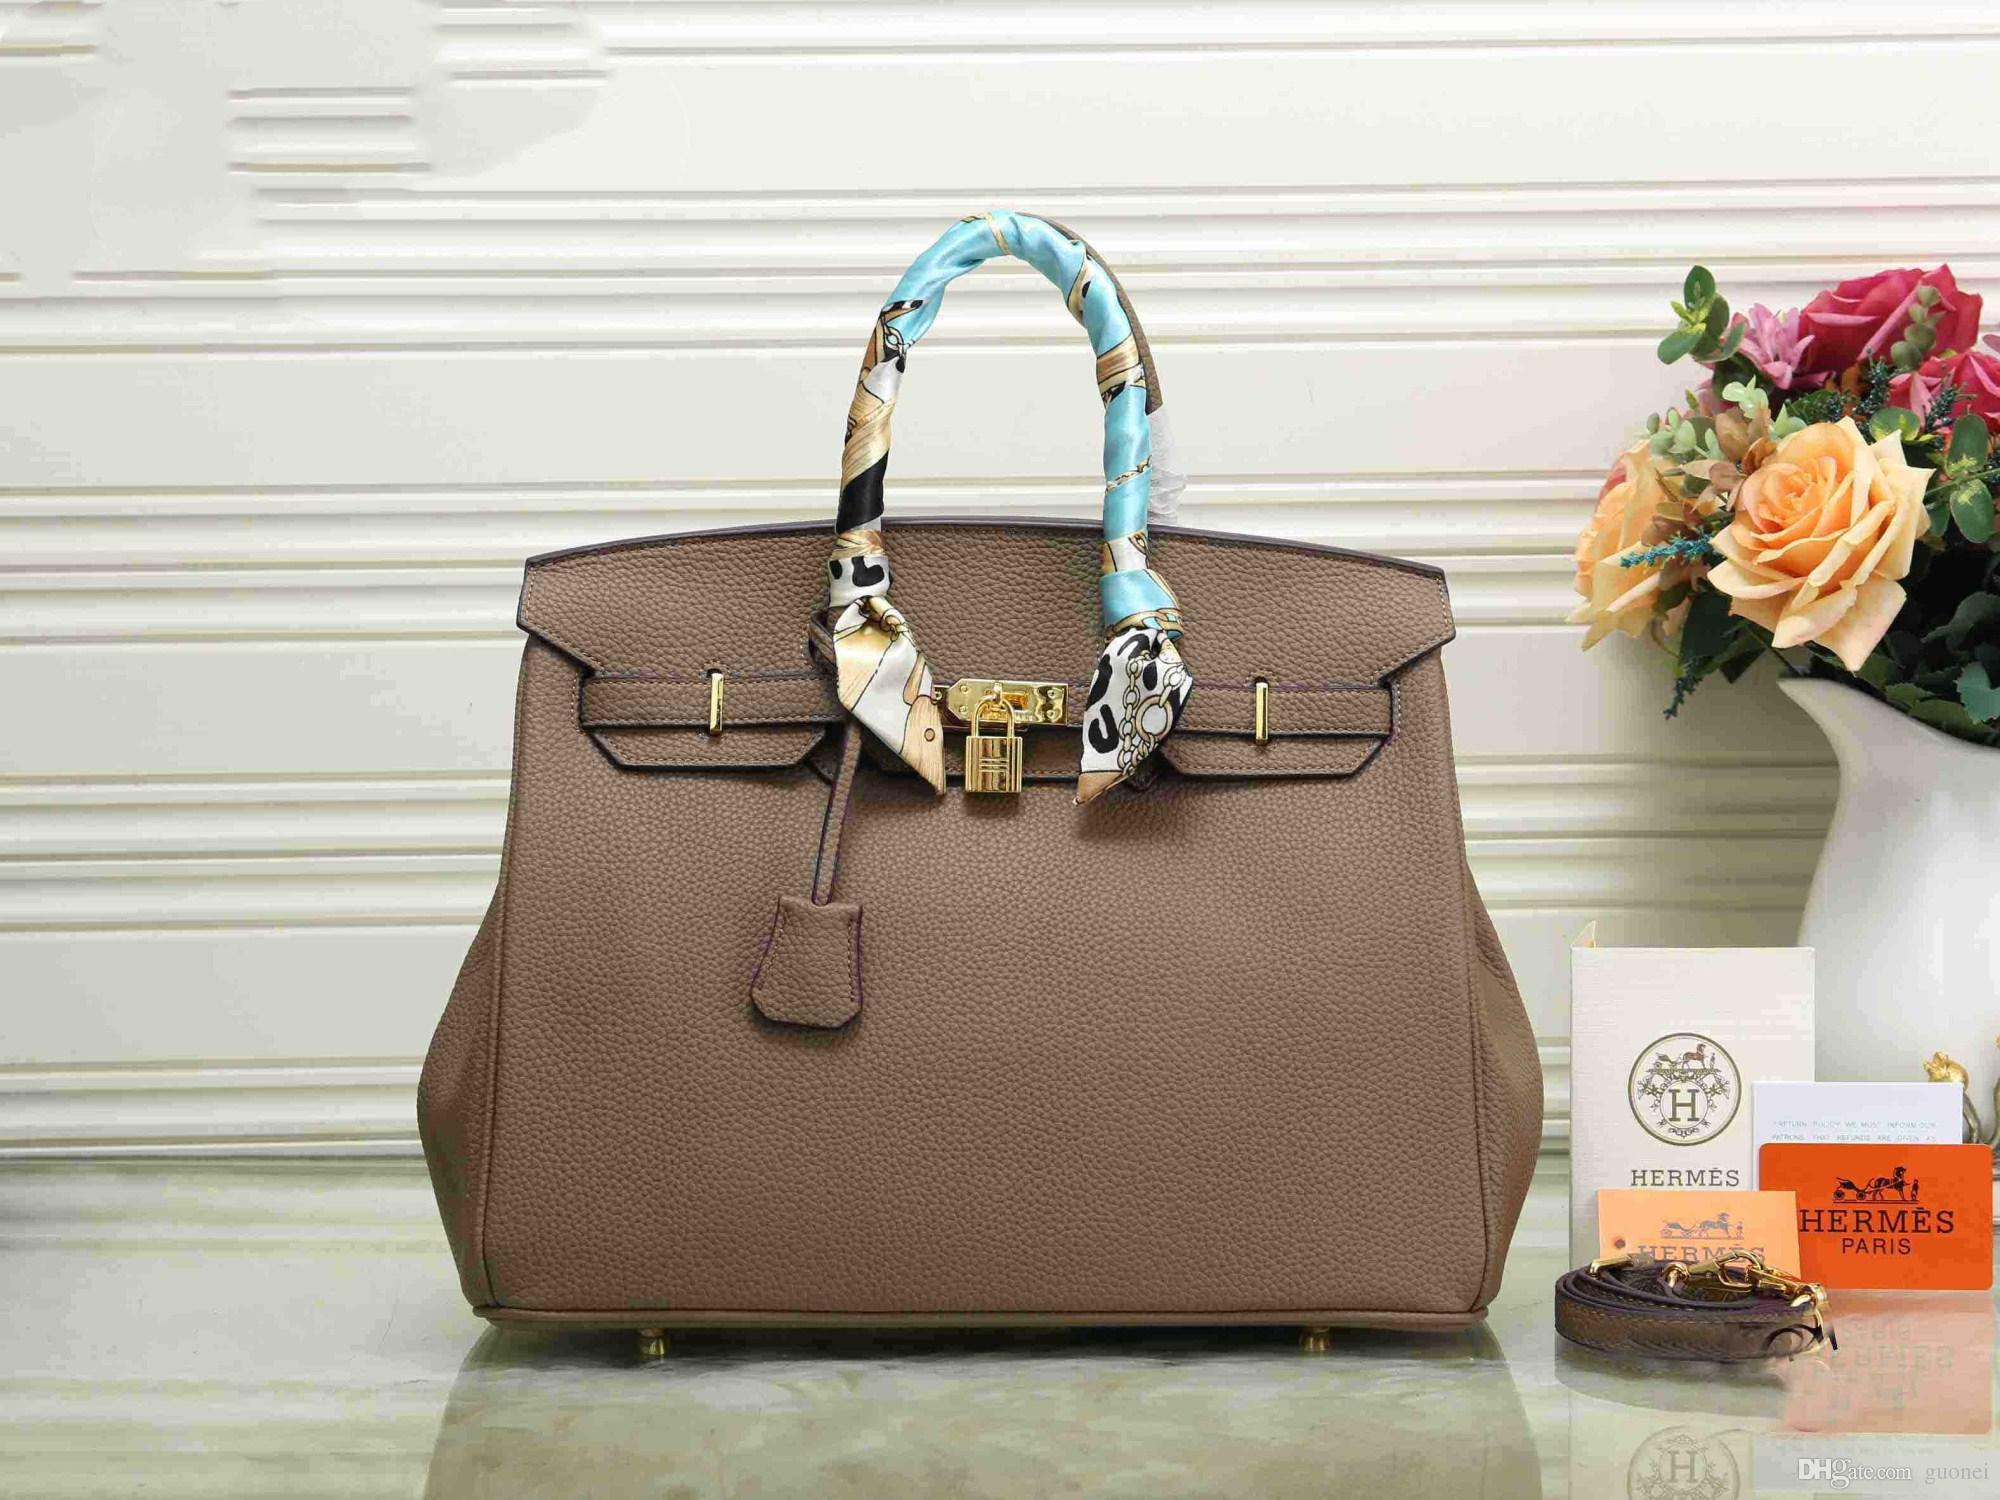 ... Fashion Bags 2018 Ladies Handbags Designer Bags Women Tote Bag Luxury  Brands Bags Single Shoulder Bag ... 7f71b3df2b09e